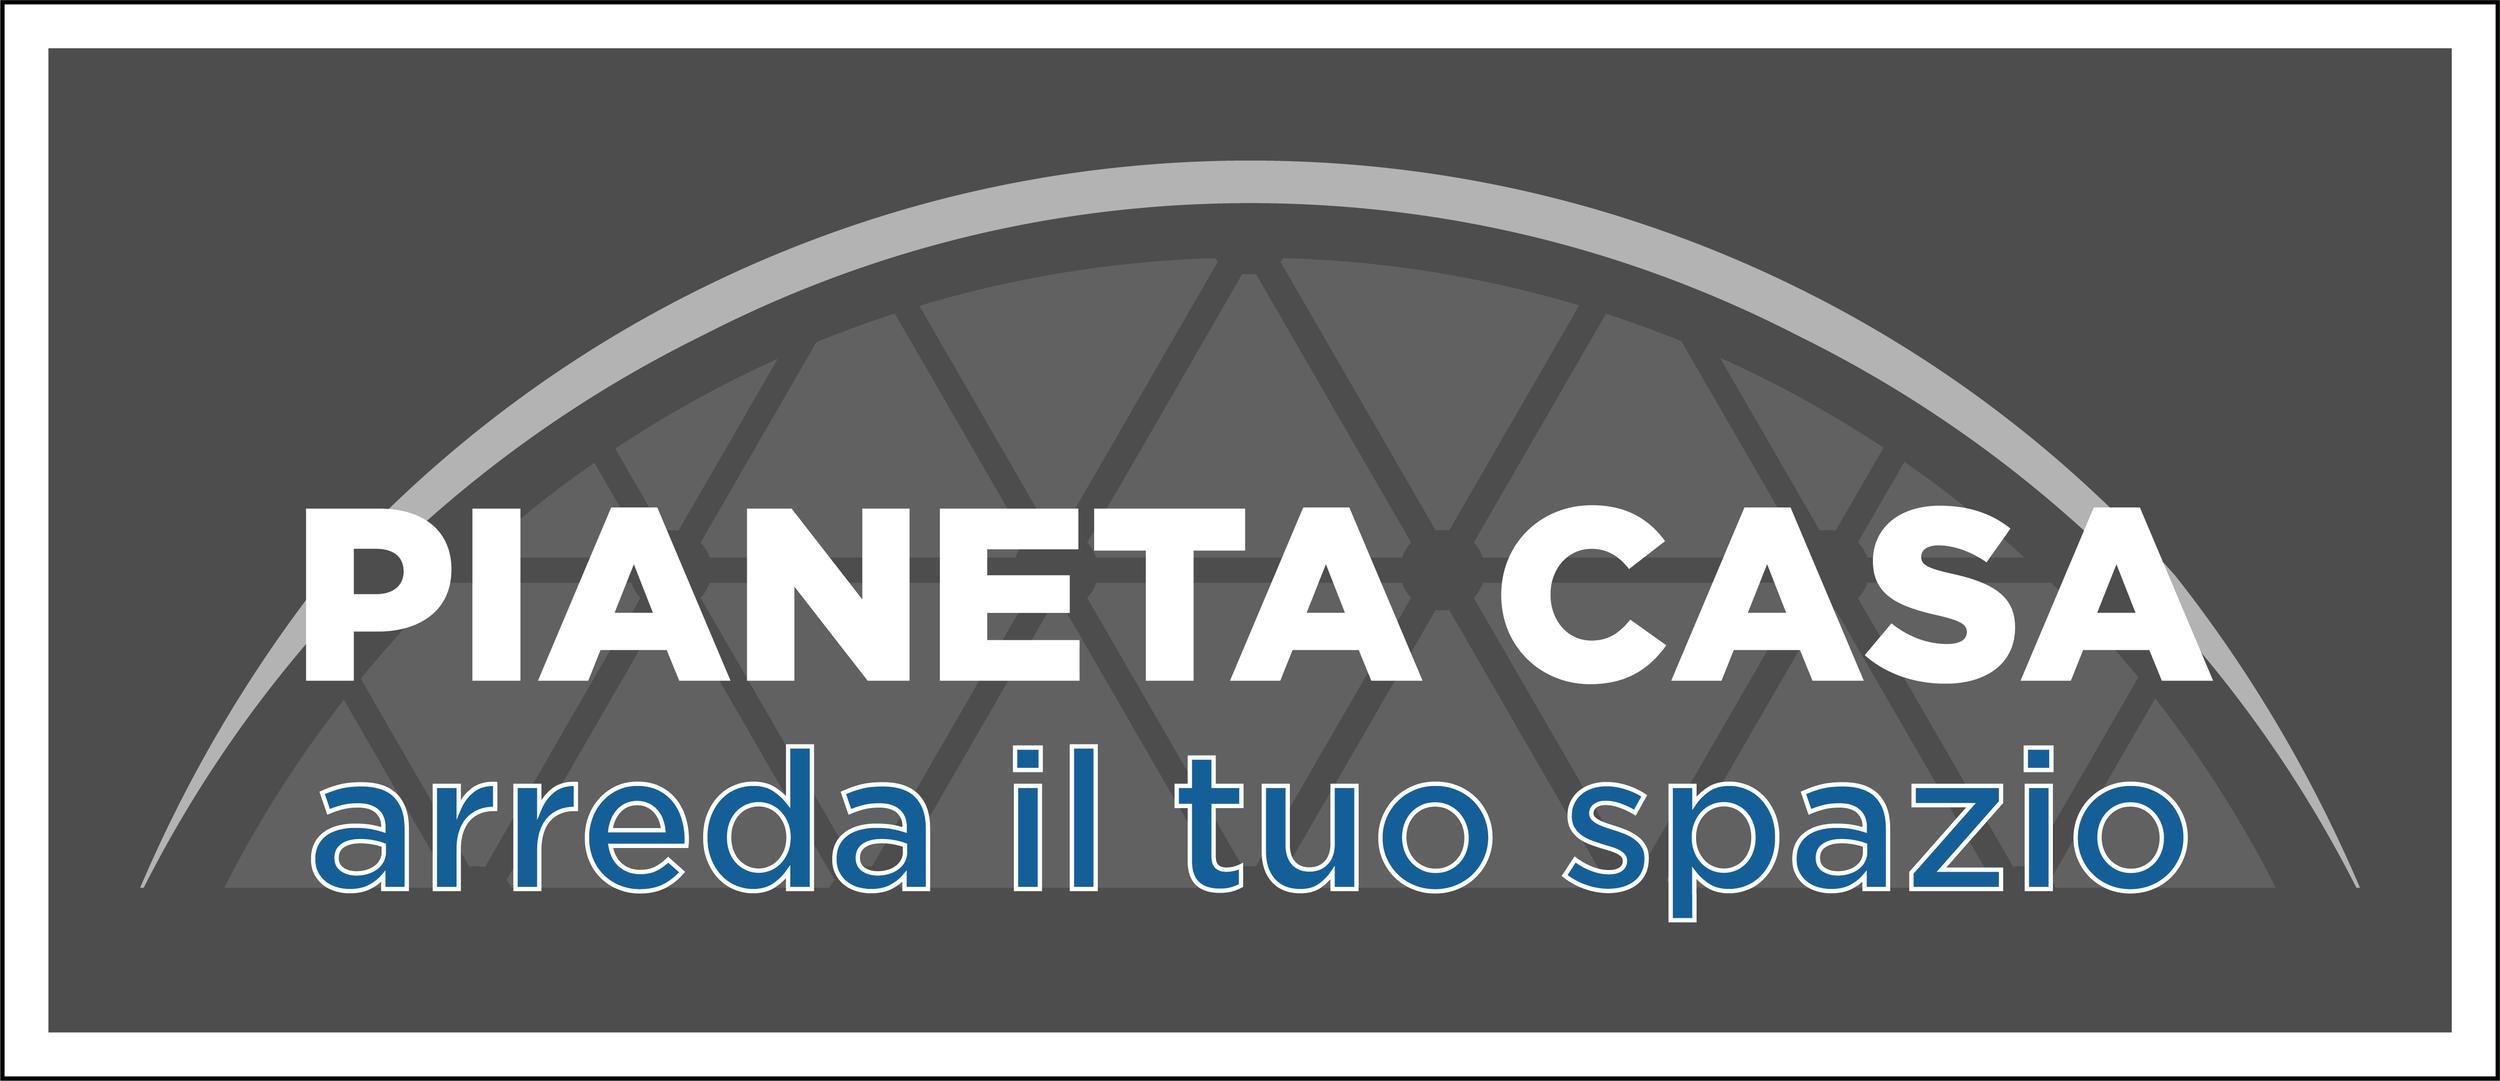 Logo progettato per Pianeta Casa